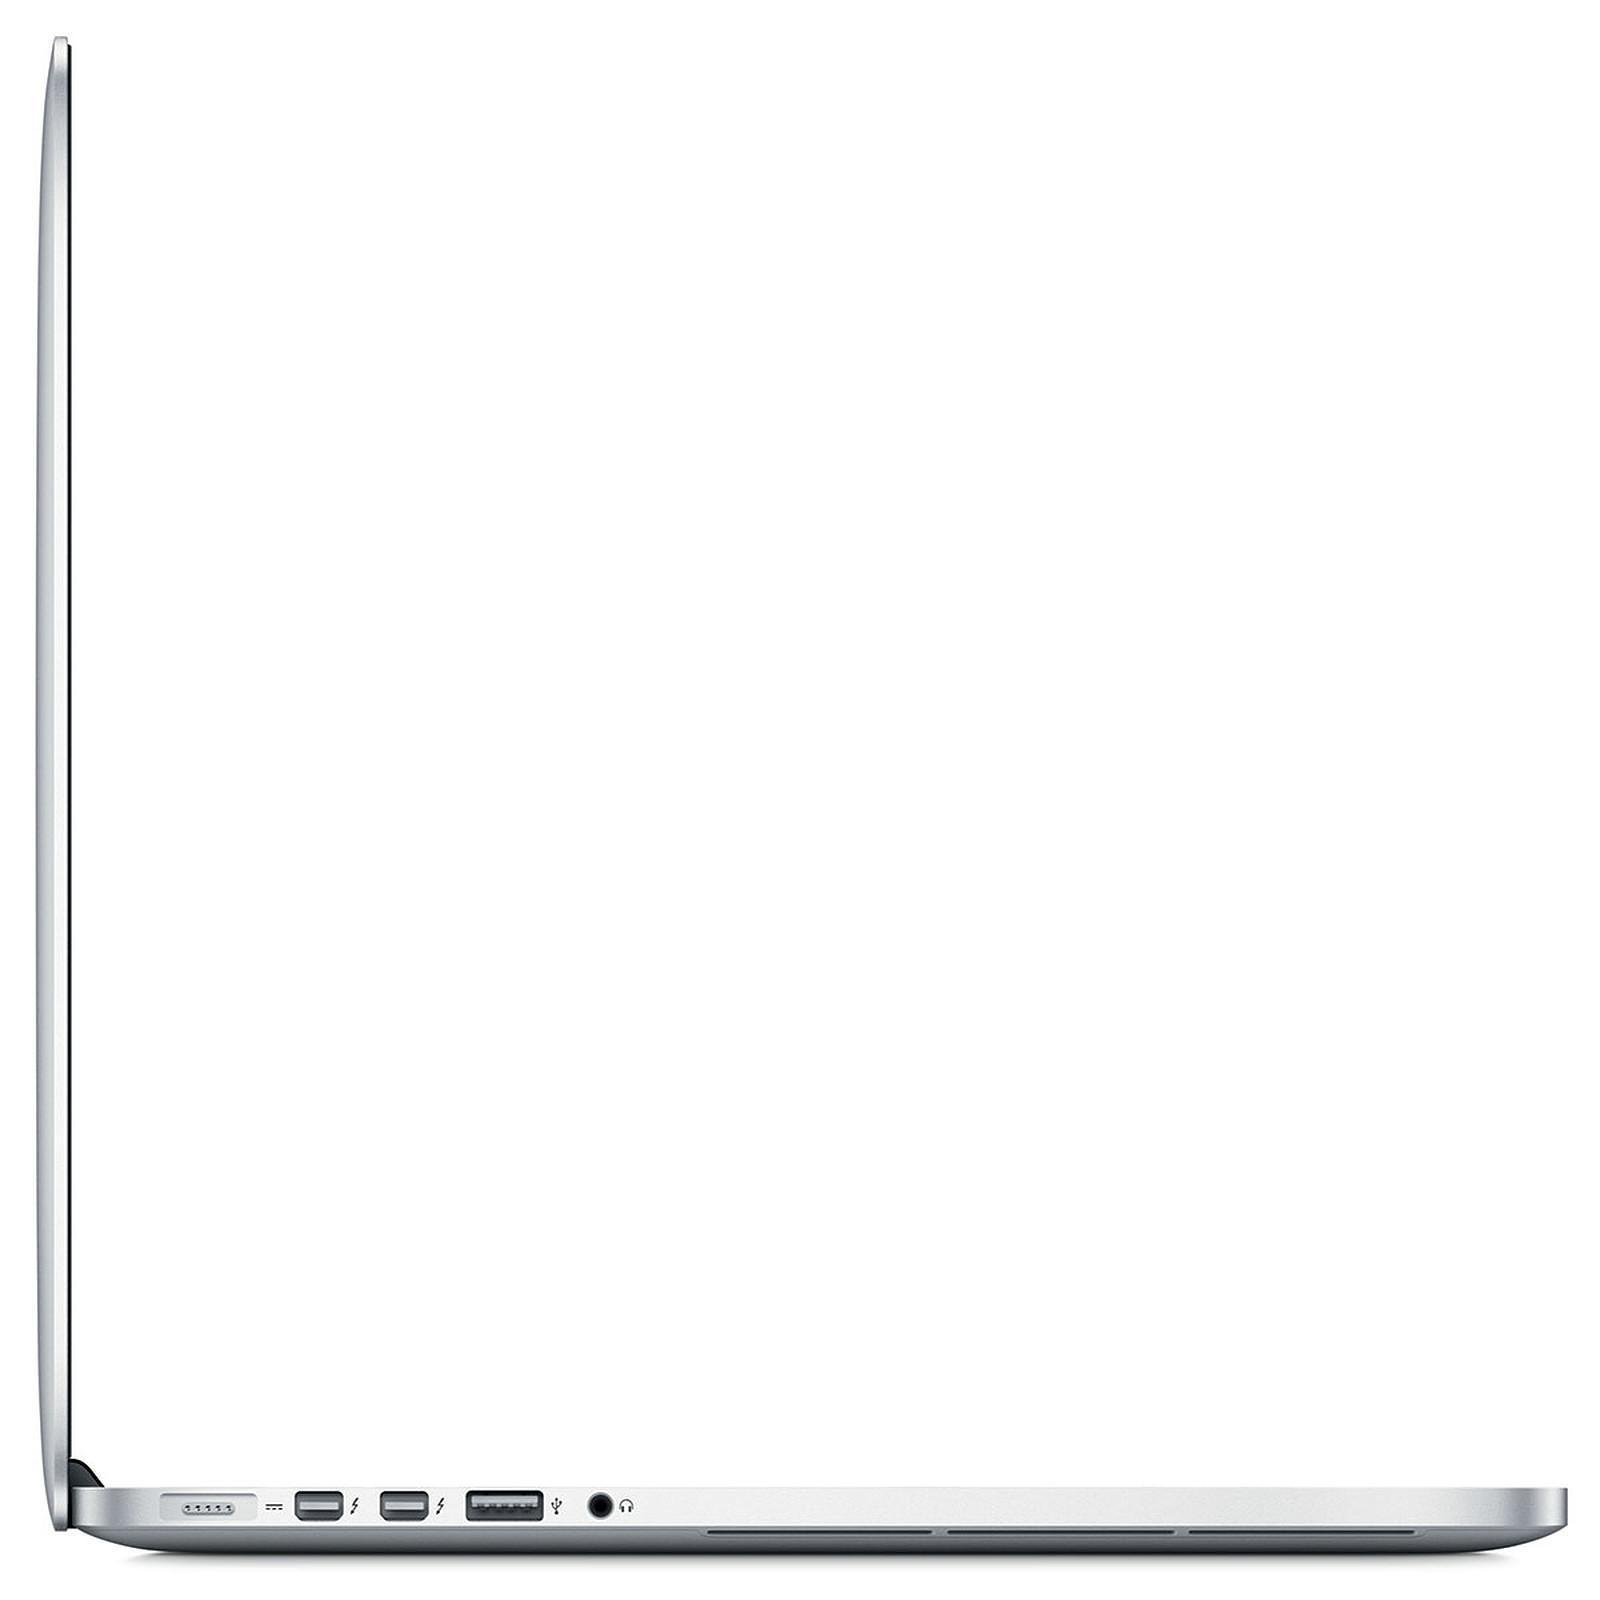 MacBook Pro Retina 15,4-tum (2013) - Core i7 - 8GB - SSD 256 GB QWERTY - Italienska